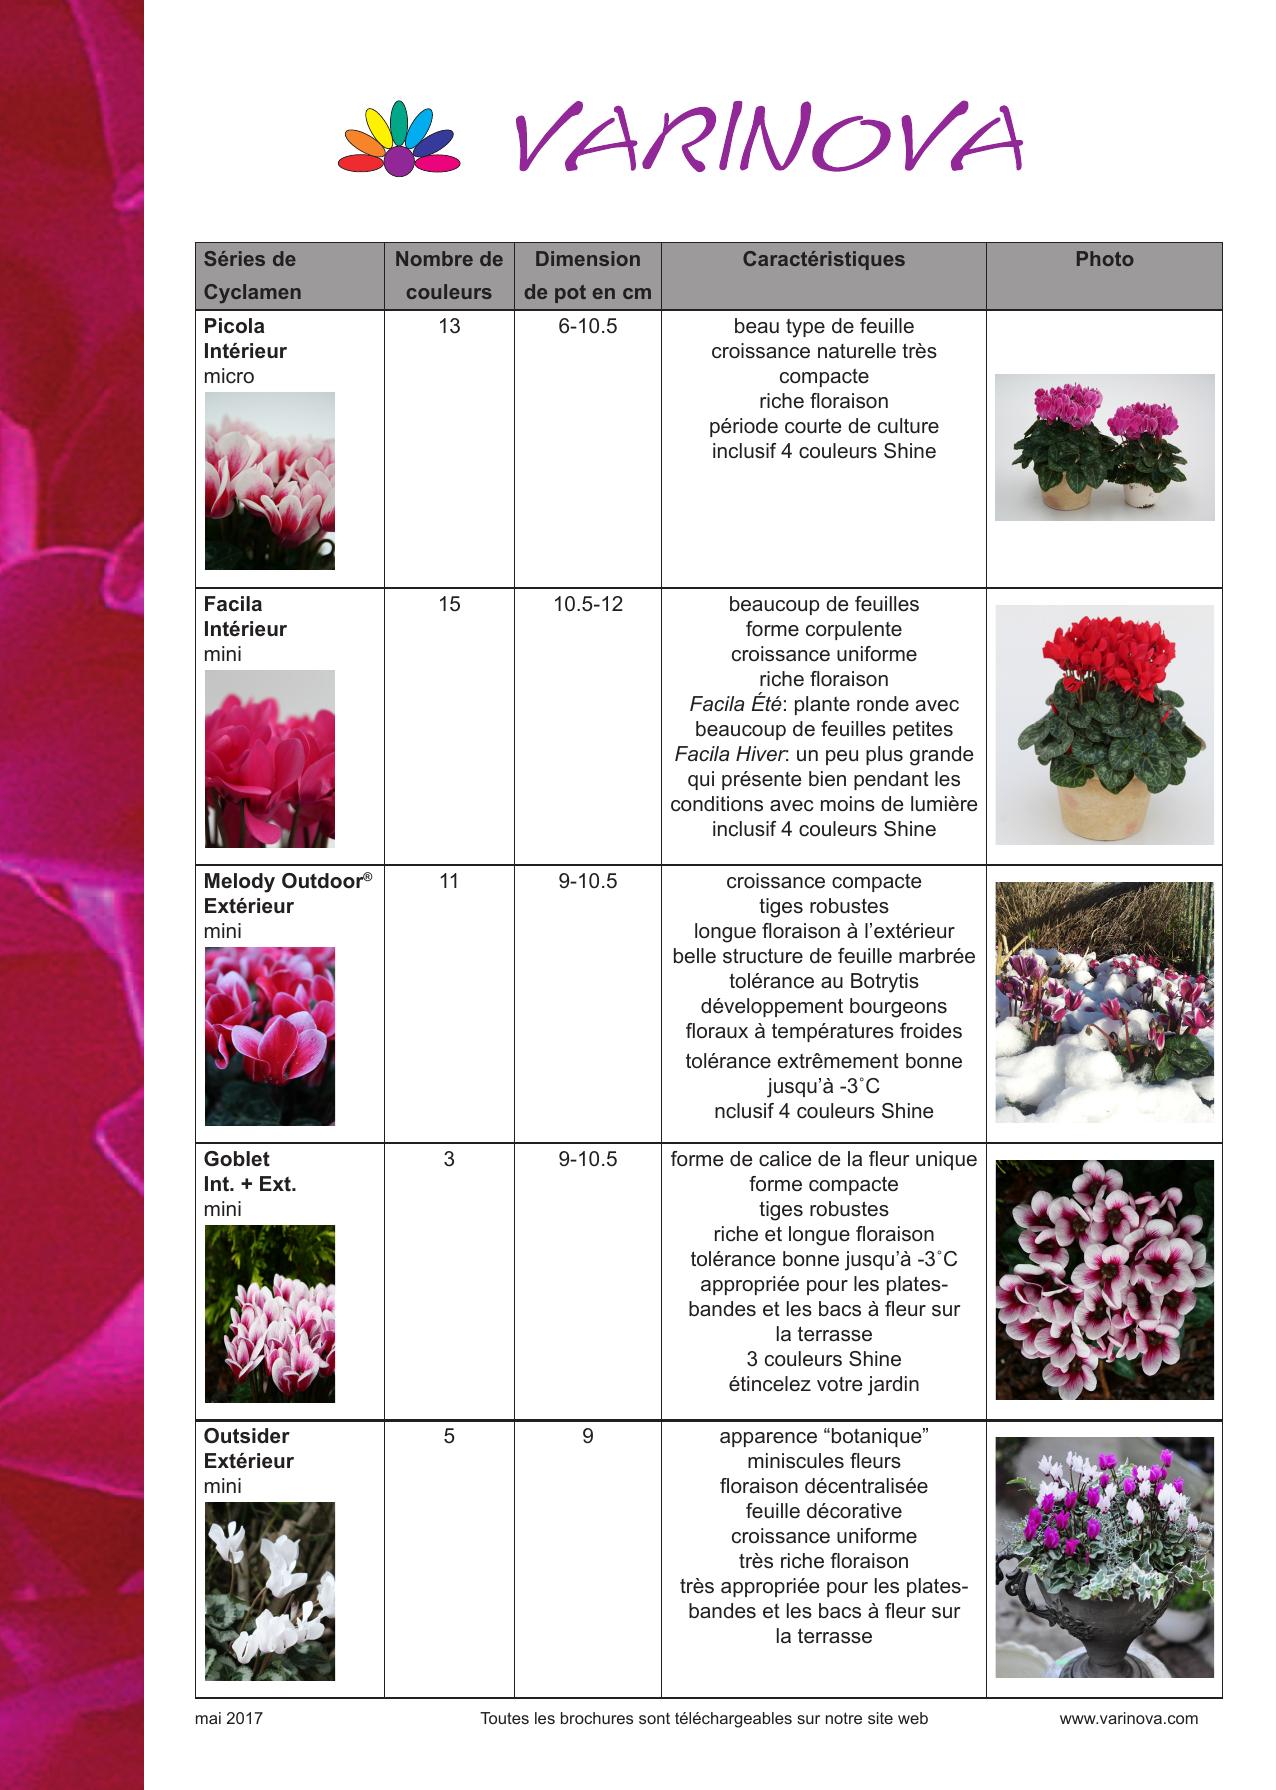 Plante Robuste Pour Terrasse séries de cyclamen nombre de couleurs dimension de pot en cm